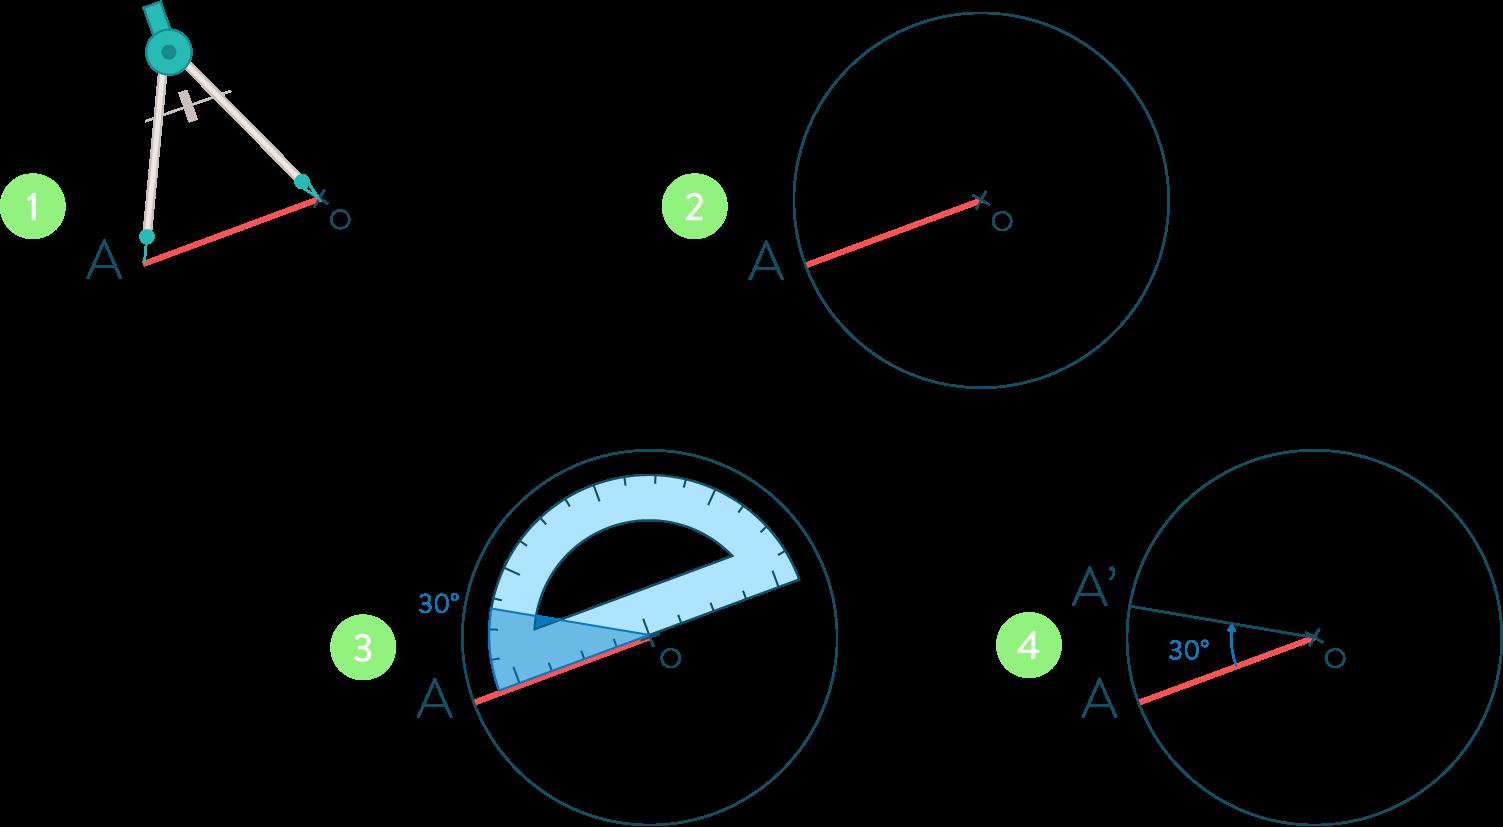 Comment efectuer une rotation-Mathématiques-4e